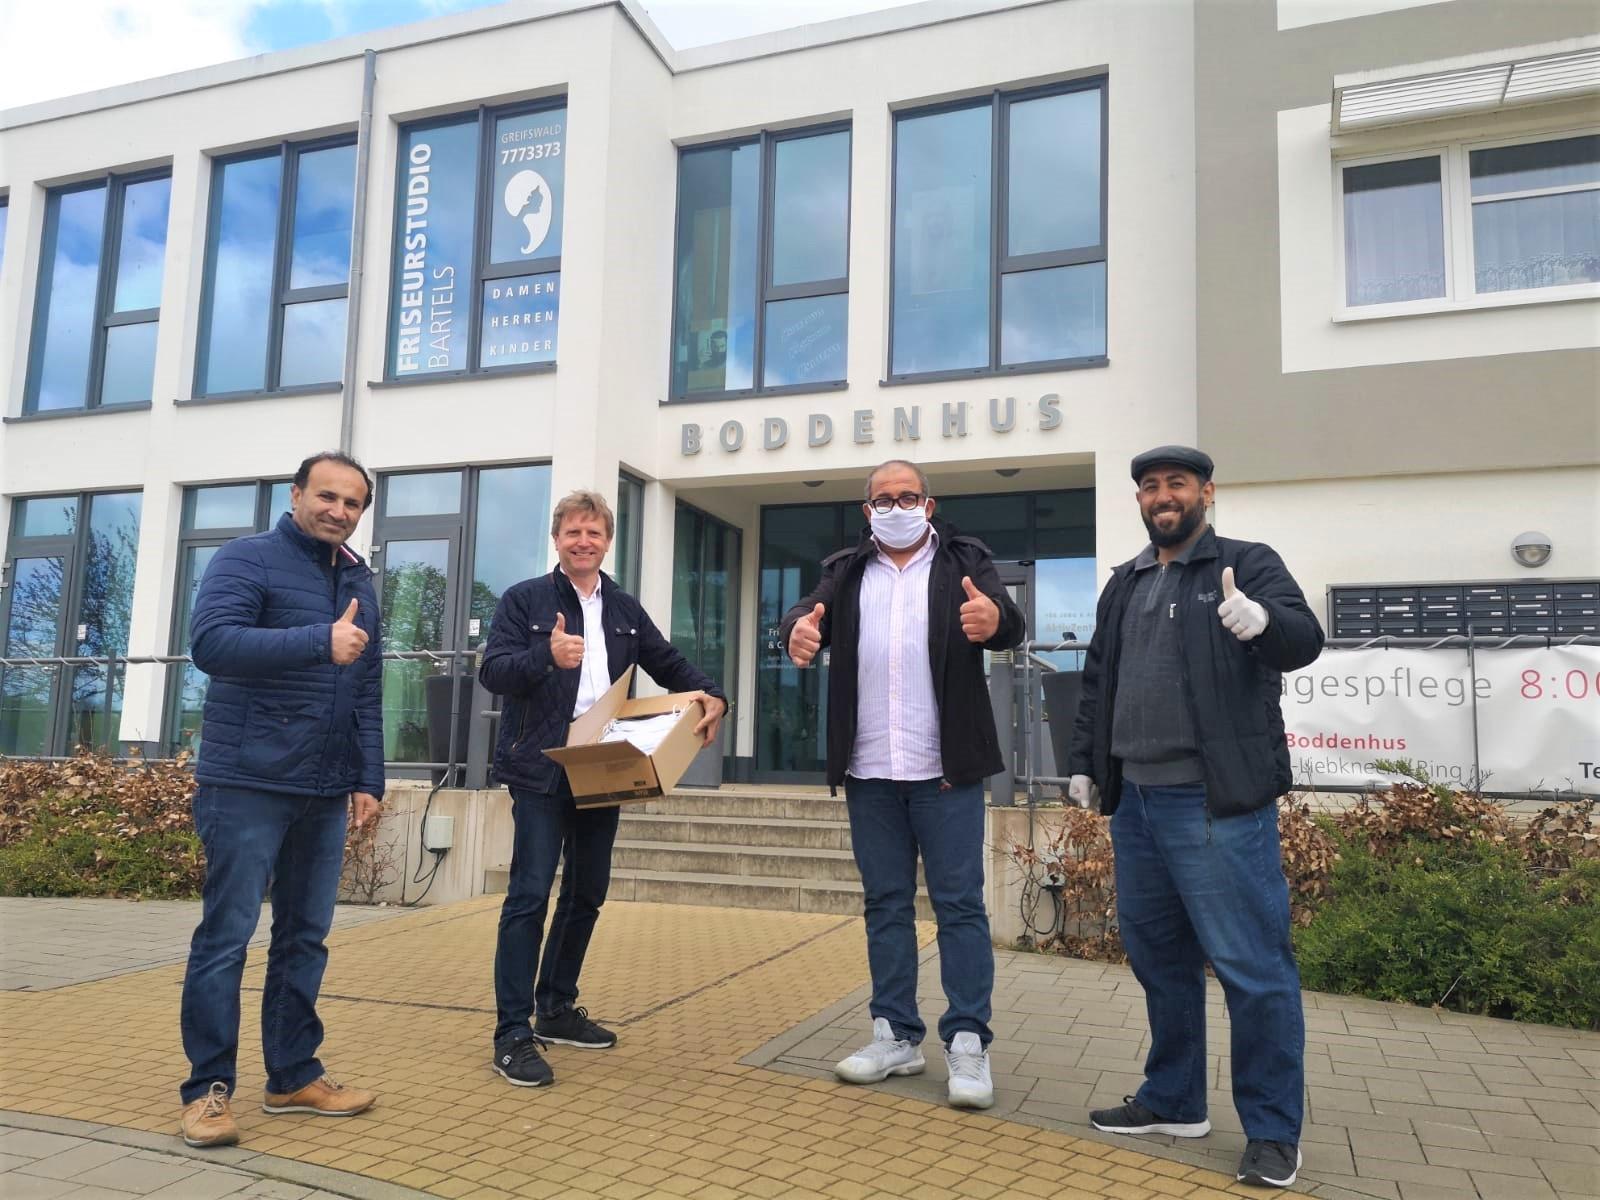 Die Bewohner unserer Greifswalder Residenzen bekommen Gesichtsmasken geschenkt